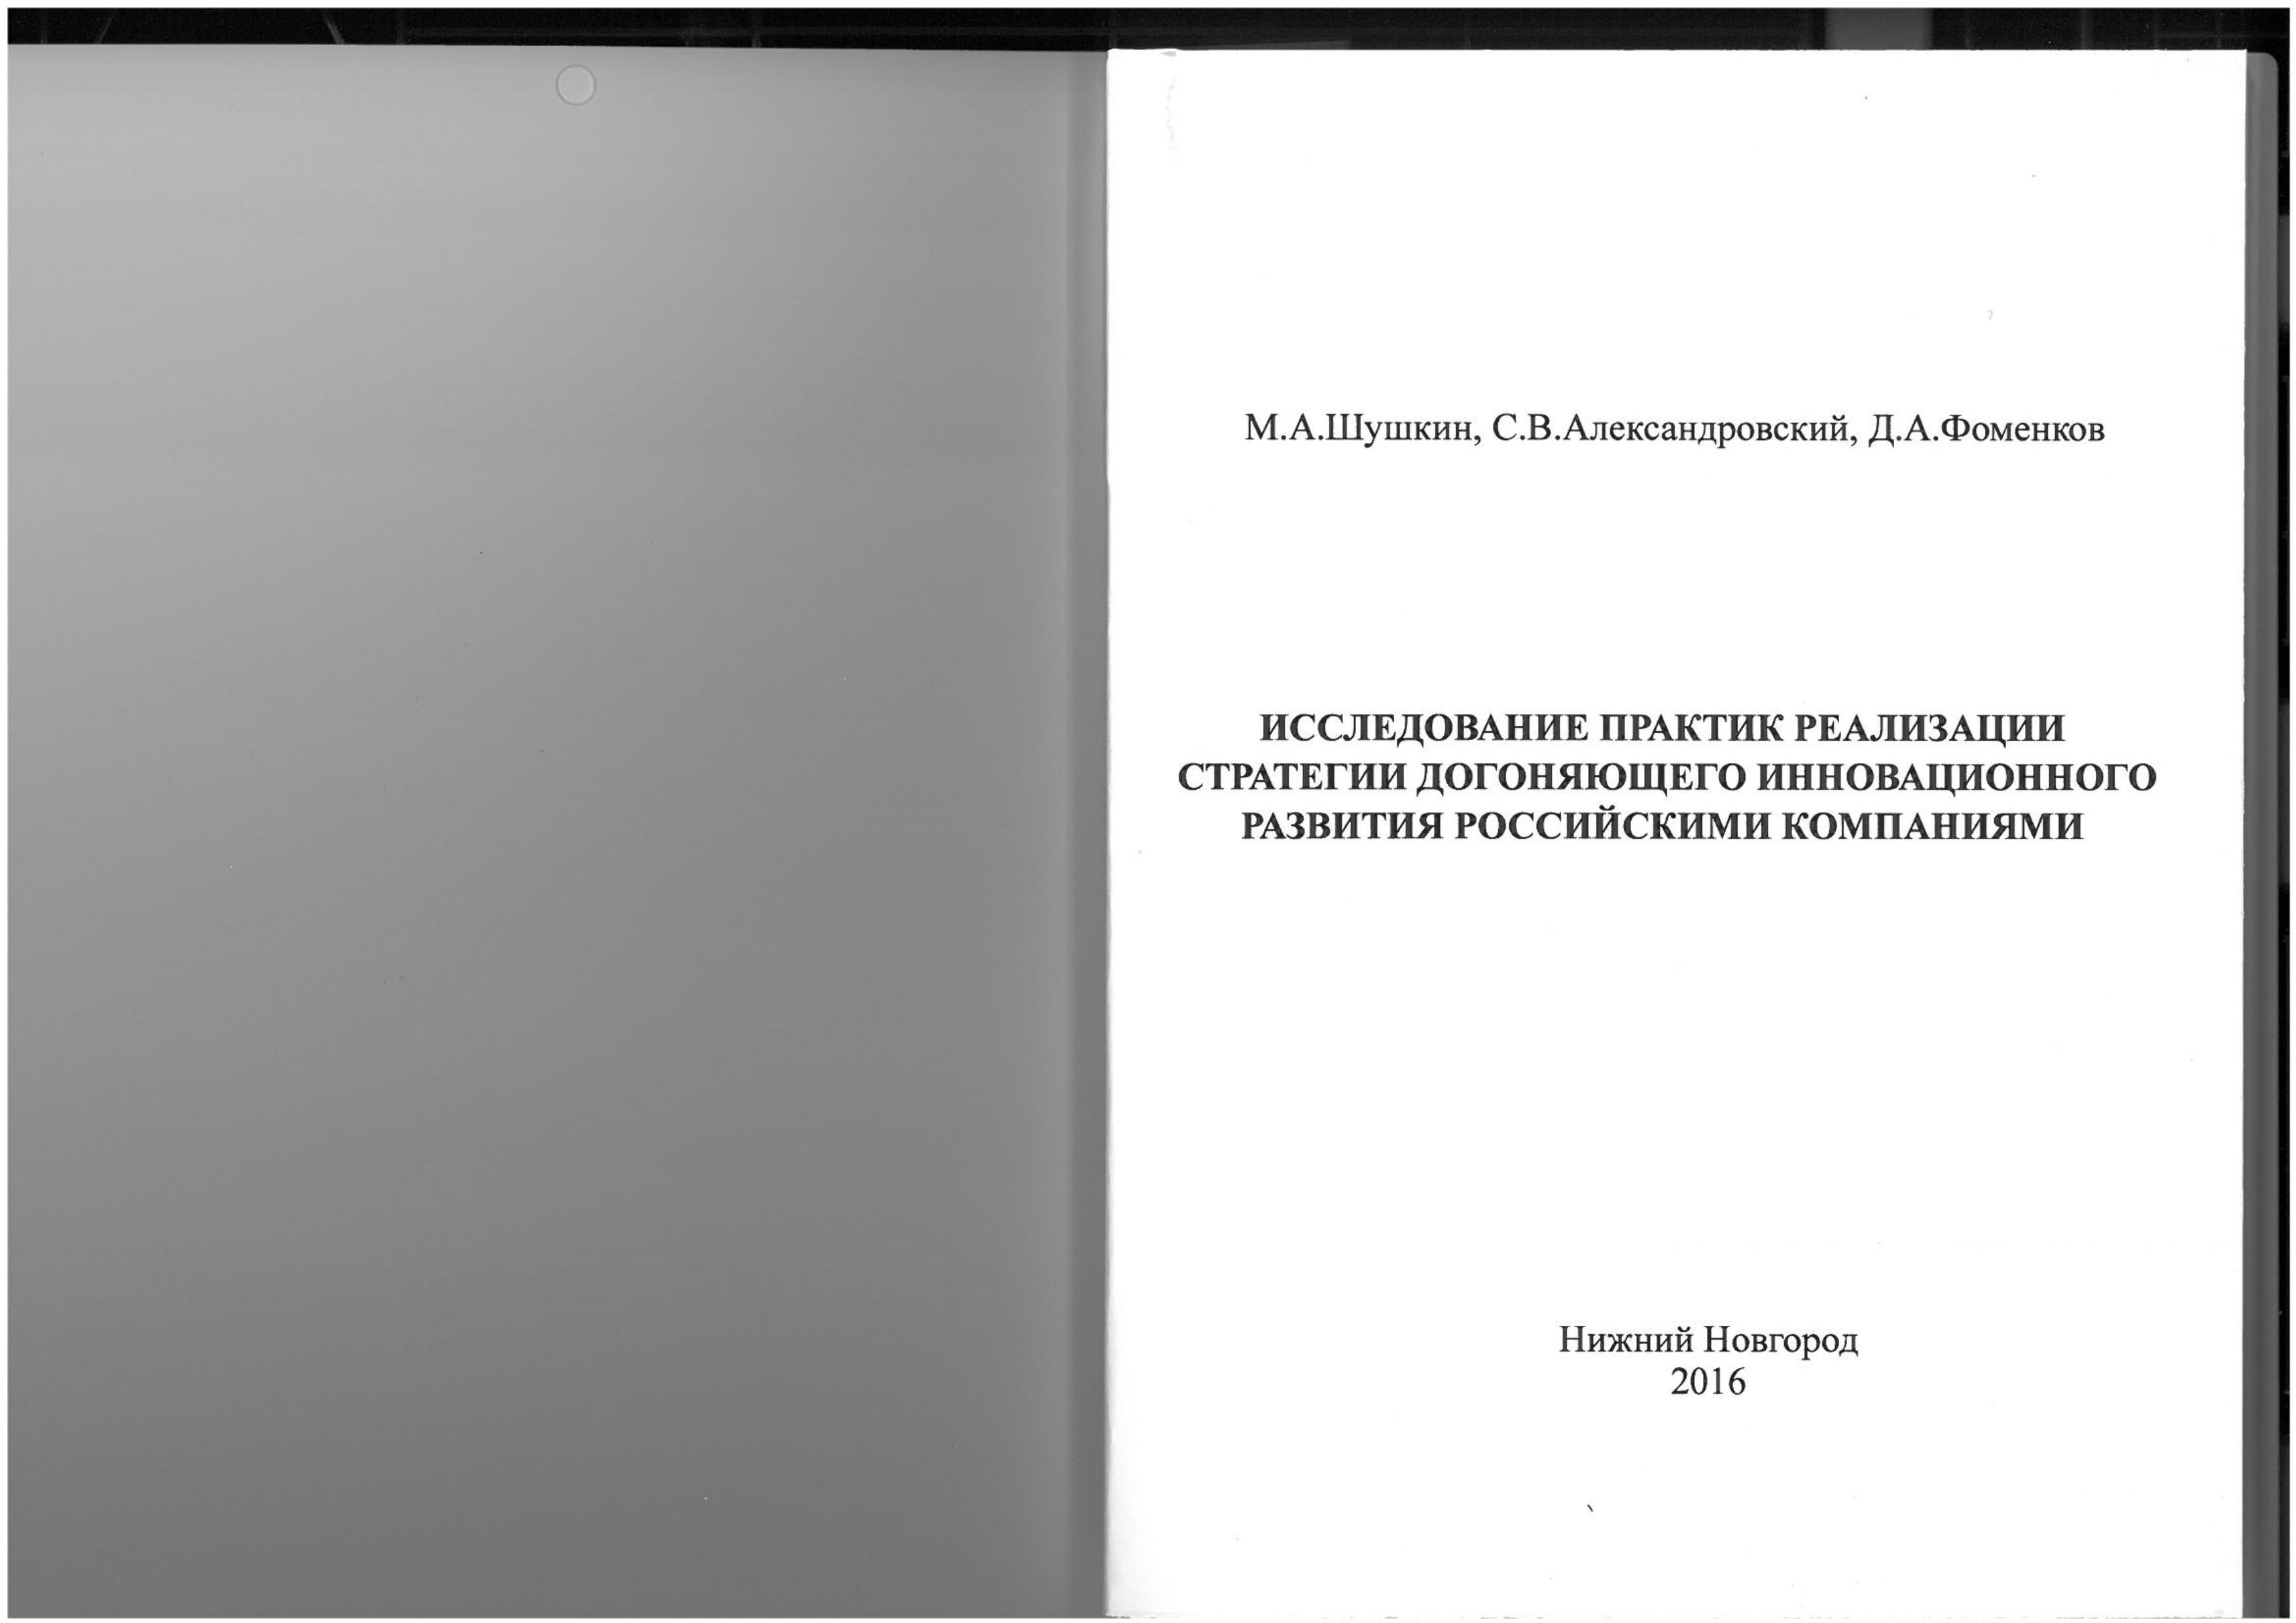 Исследование практик реализации стратегии догоняющего инновационного развития российскими компаниями